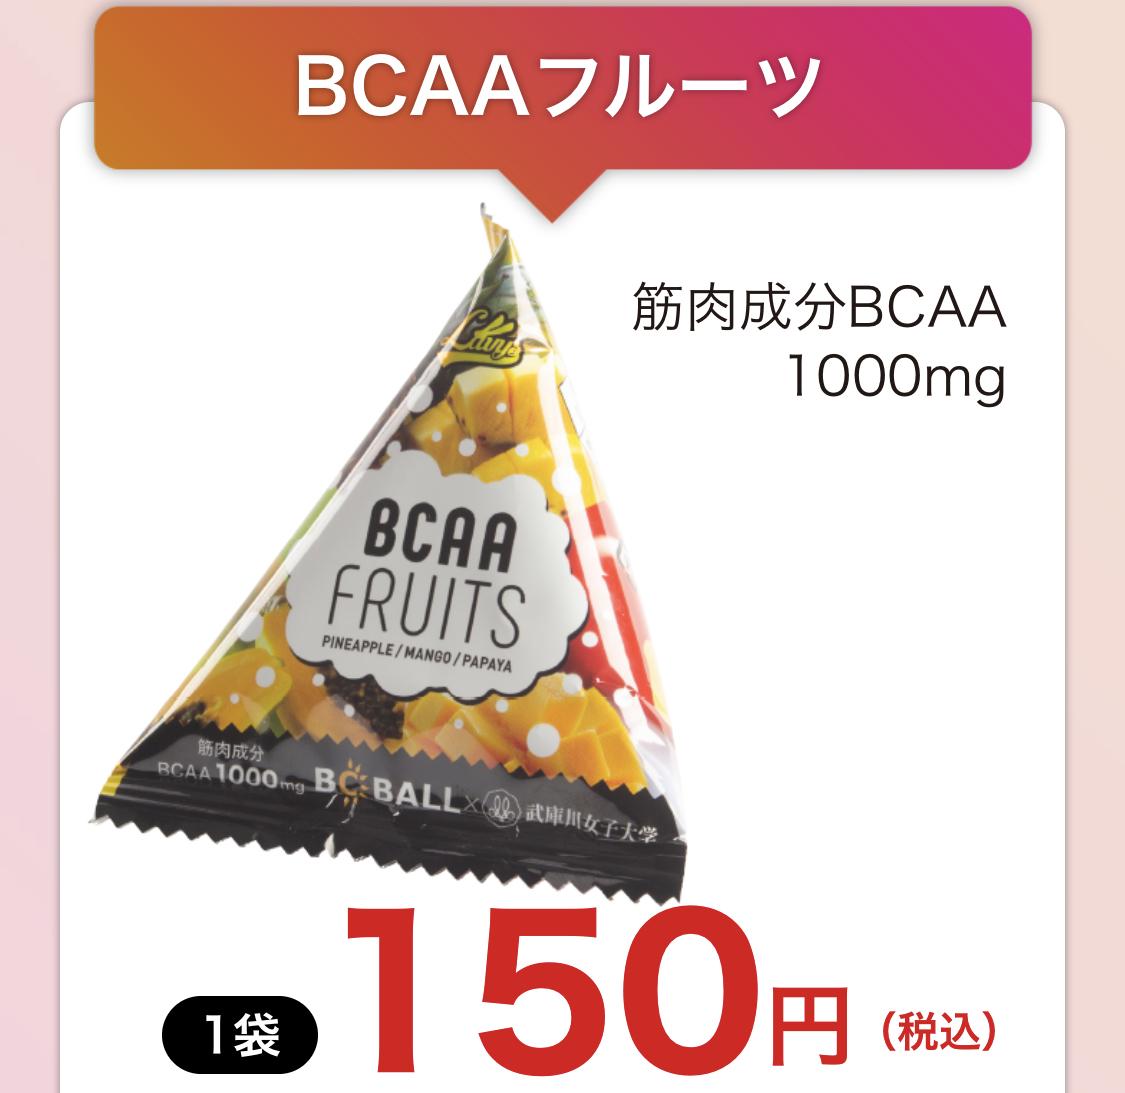 【BCBALL】BCAAフルーツ10袋セット